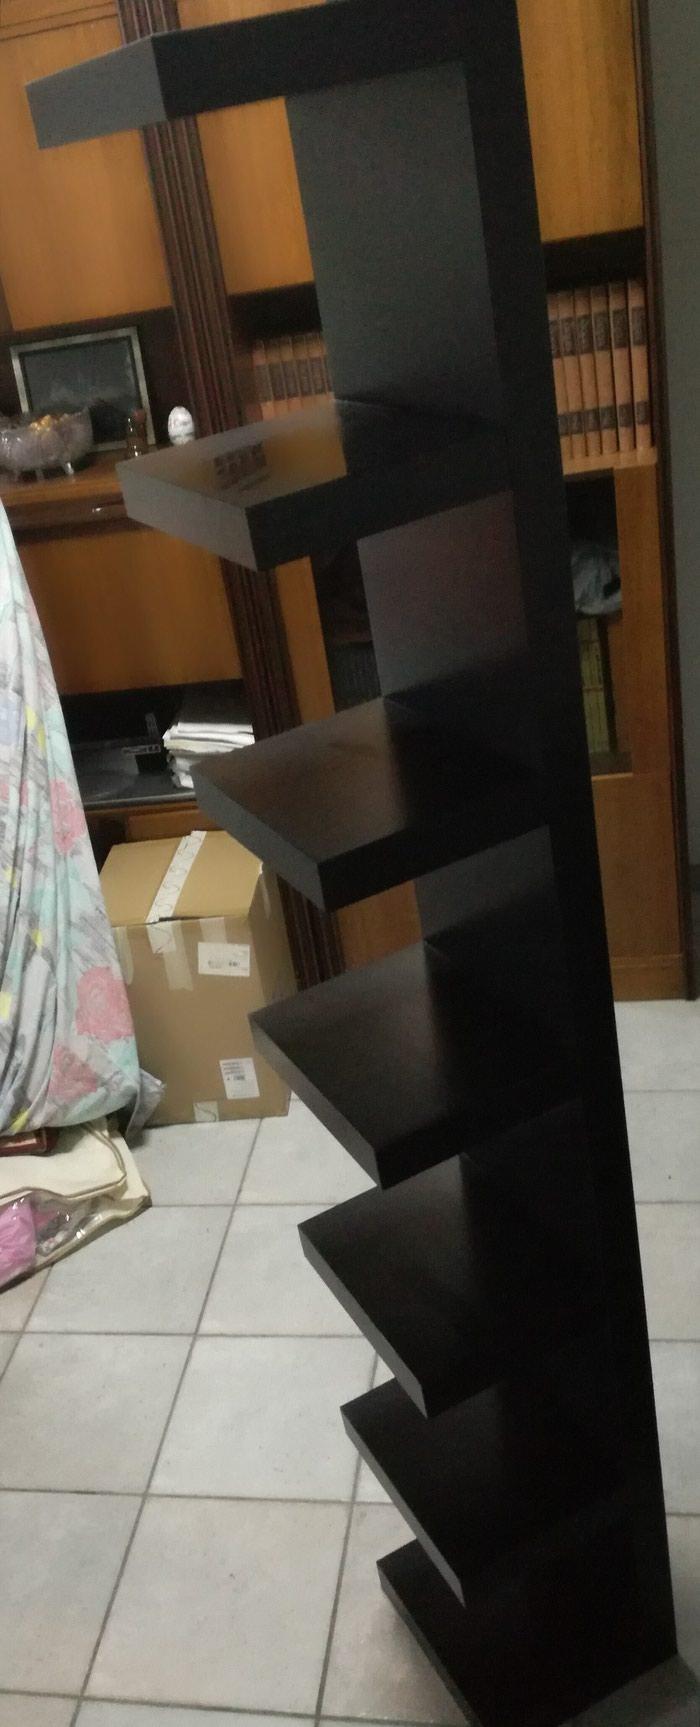 Πωλείται μαύρο ξύλινο έπιπλο διακόσμησης, με 7 ράφια!. Photo 2